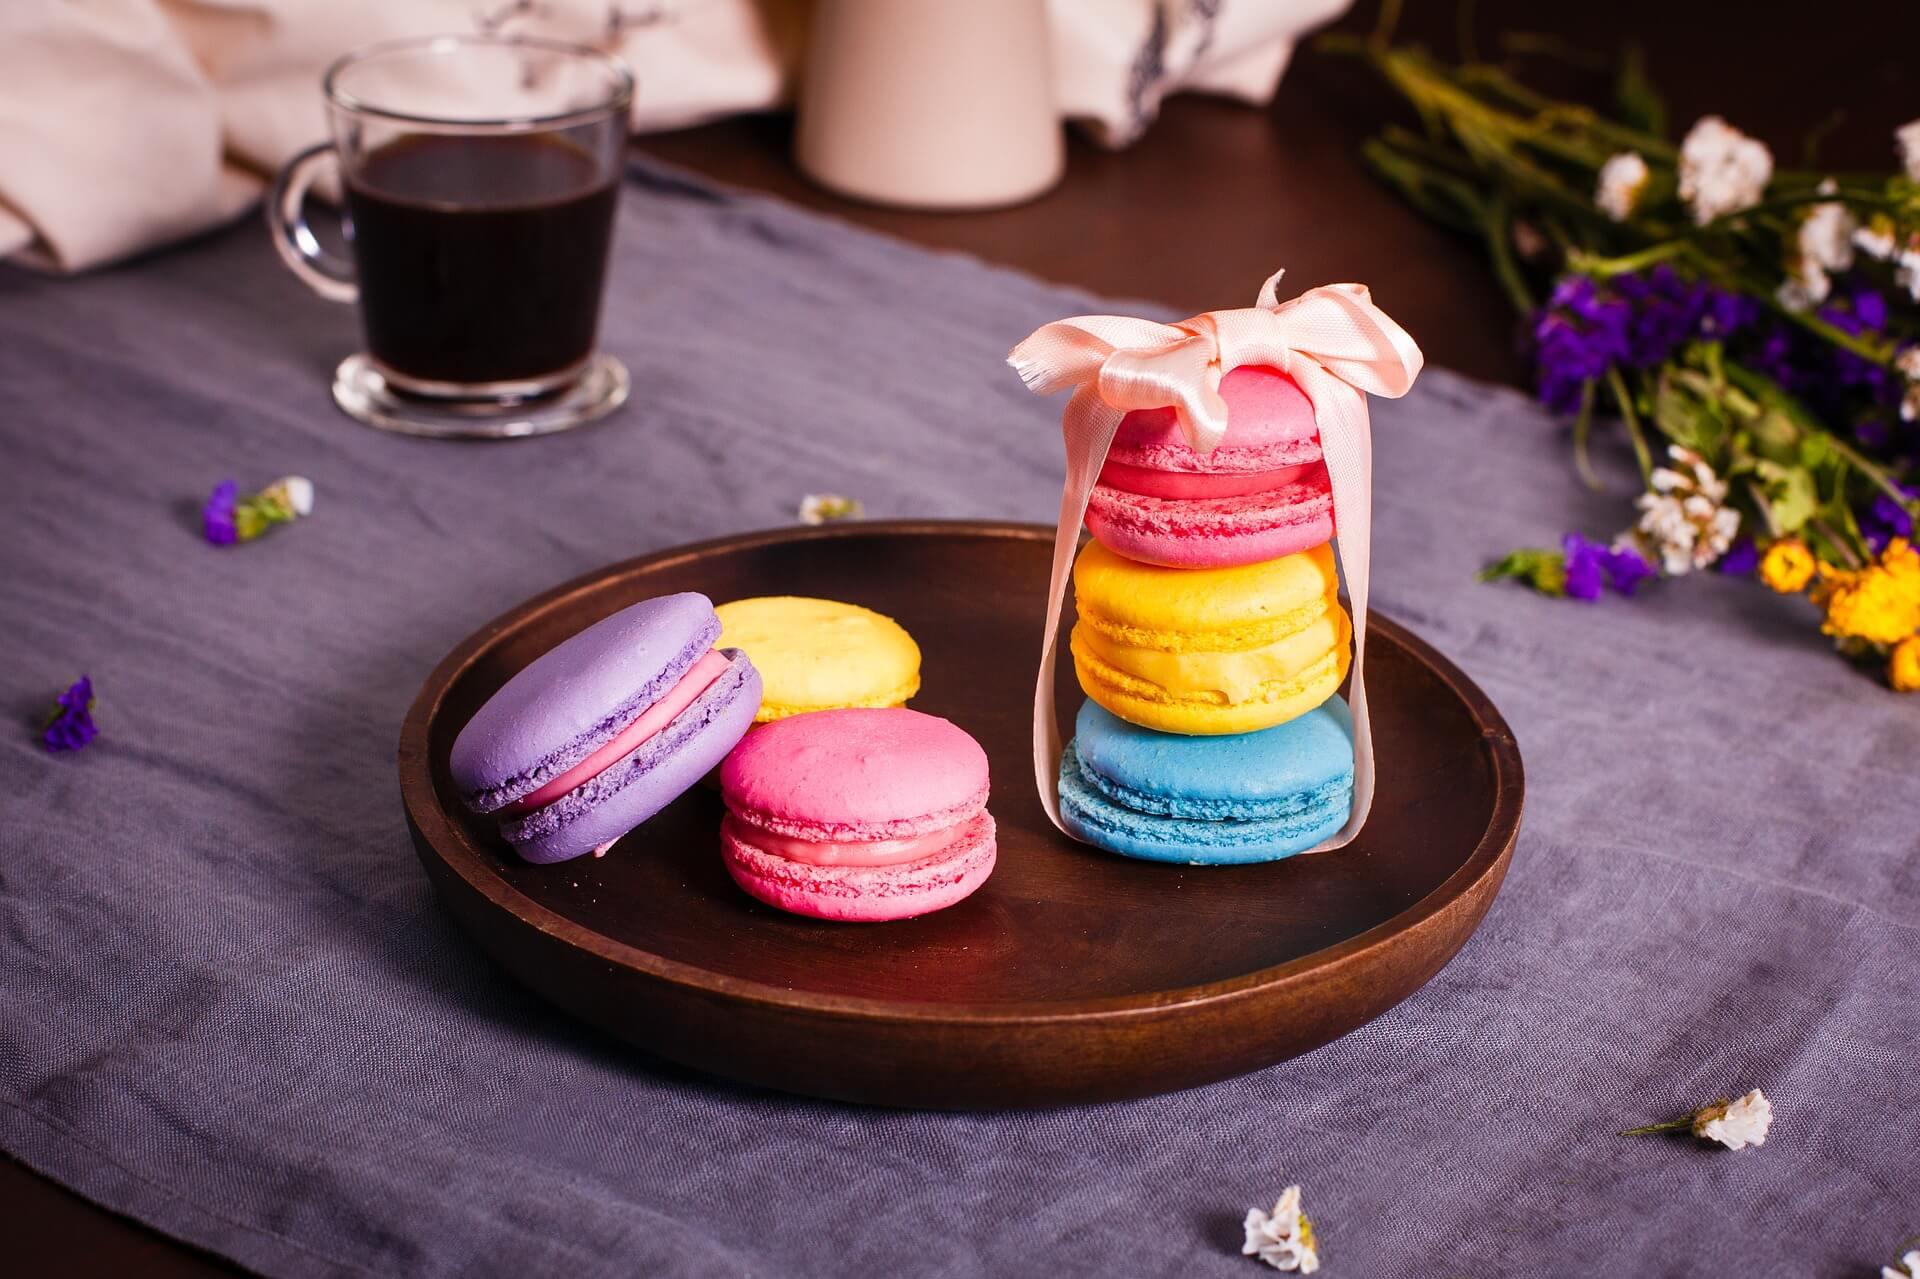 prezent dla miłośnika Włoch na gwiazdkę urodziny imieniny rocznicę ślubu walentynki